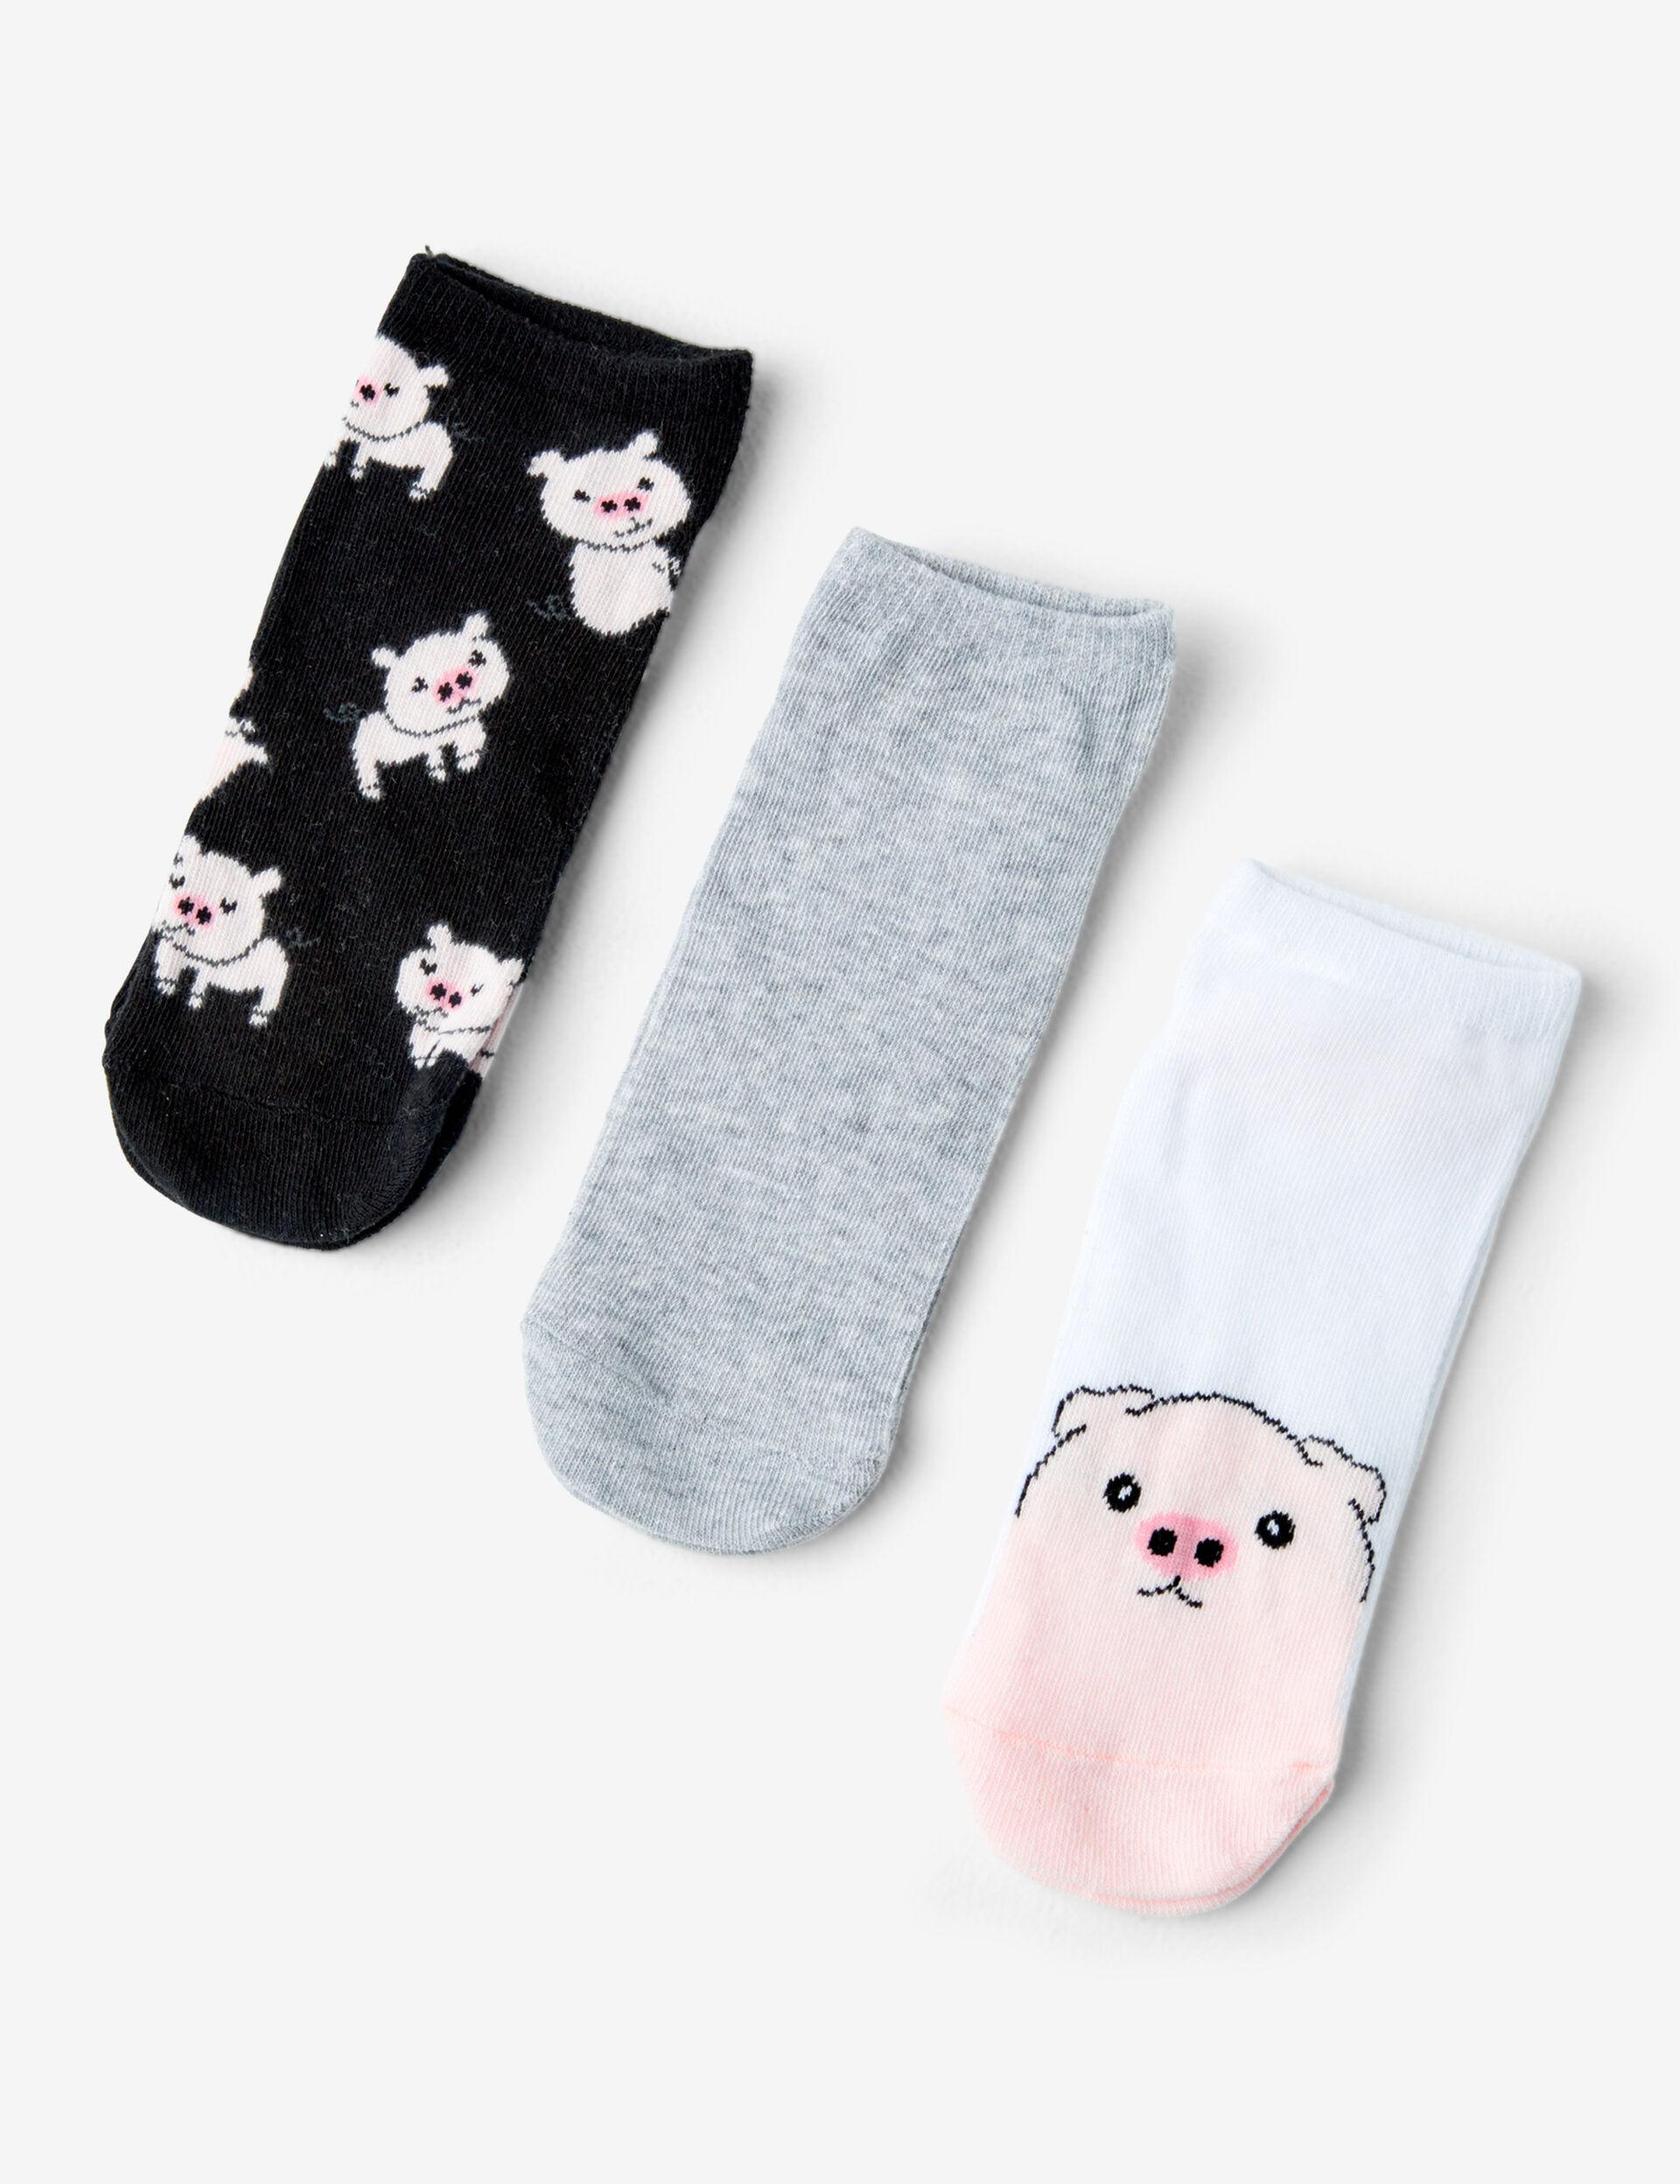 Piglet socks